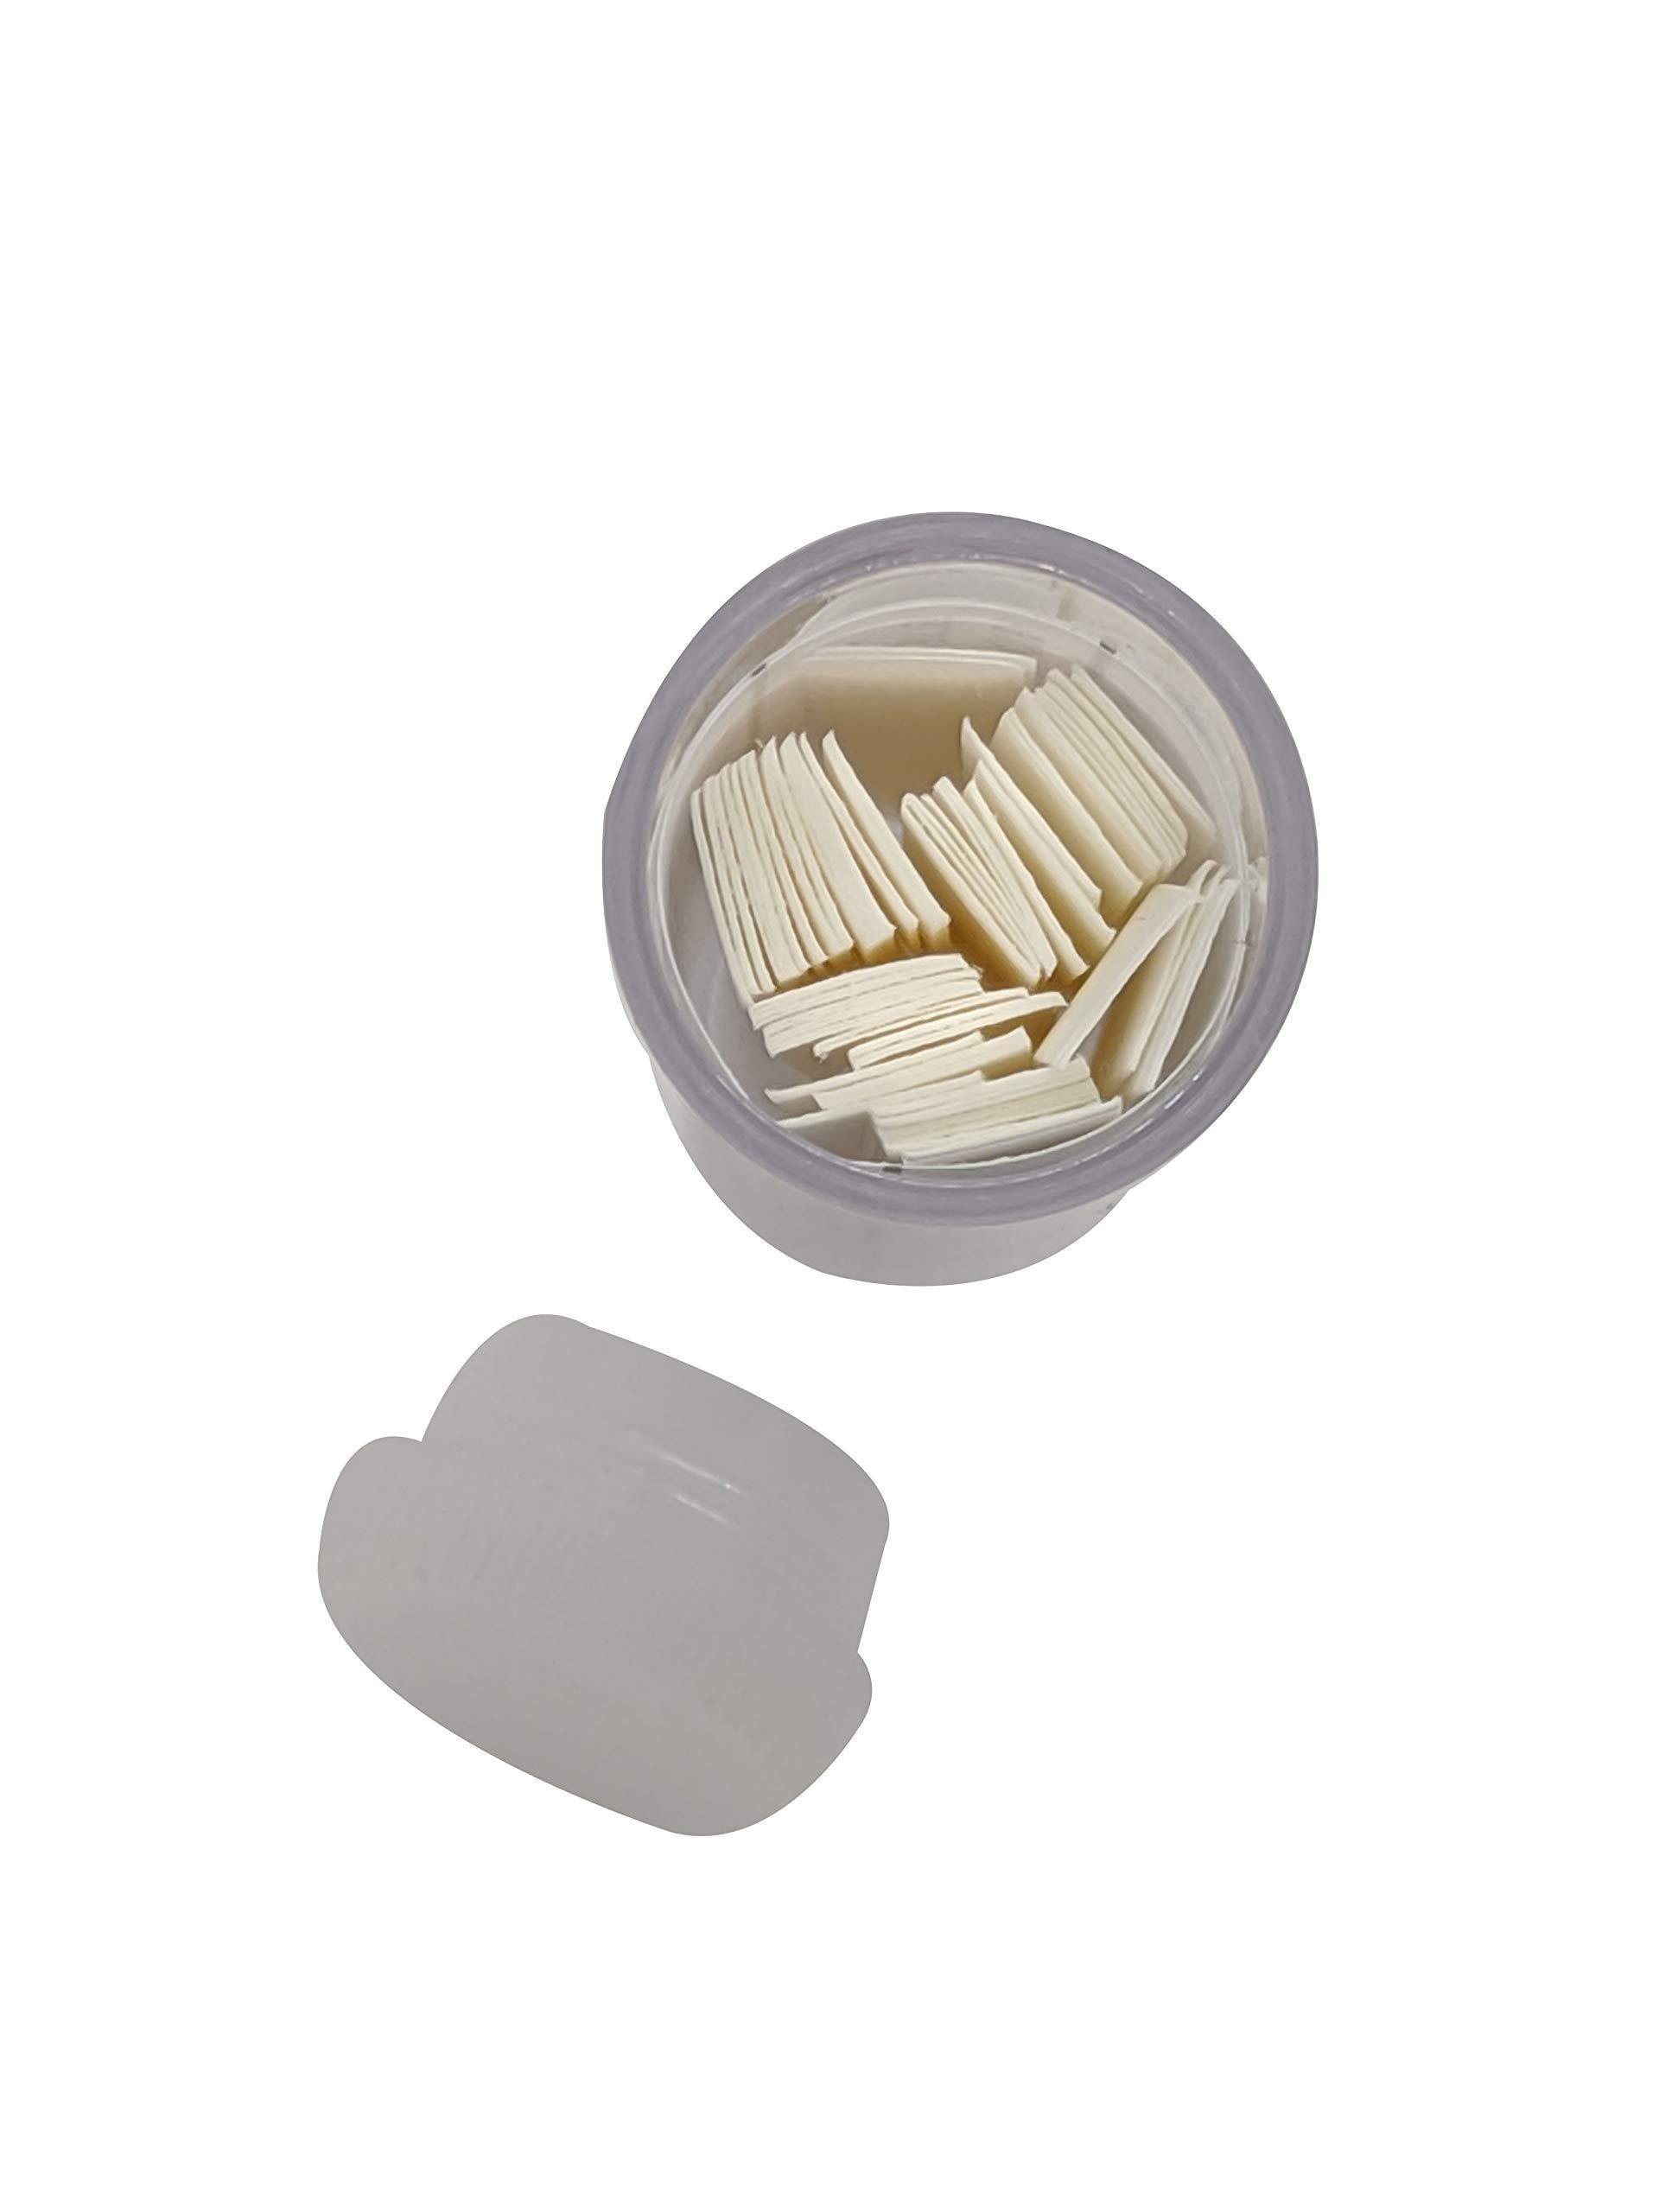 Phenylthiourea (PTC) Test Paper for Genetic Taste Testing [Vial for 100 Paper Strips]